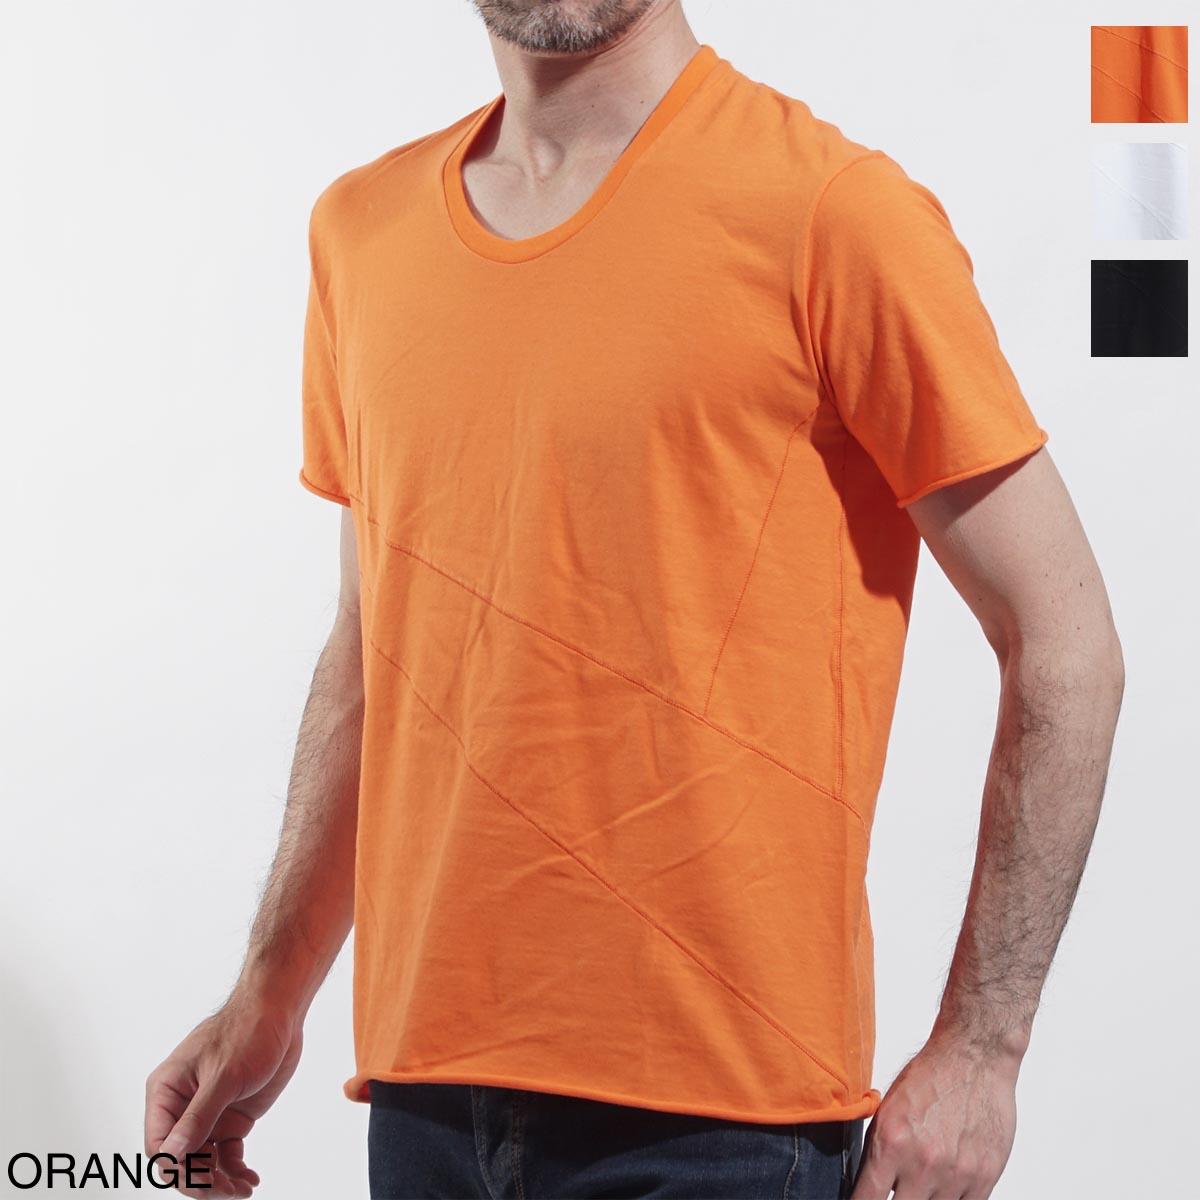 【アウトレット】ジョルジオブラット GIORGIO BRATO クルーネック Tシャツ メンズ カットソー カジュアル インナー カラーTシャツ tx19s802 orange【返品送料無料】【ラッピング無料】